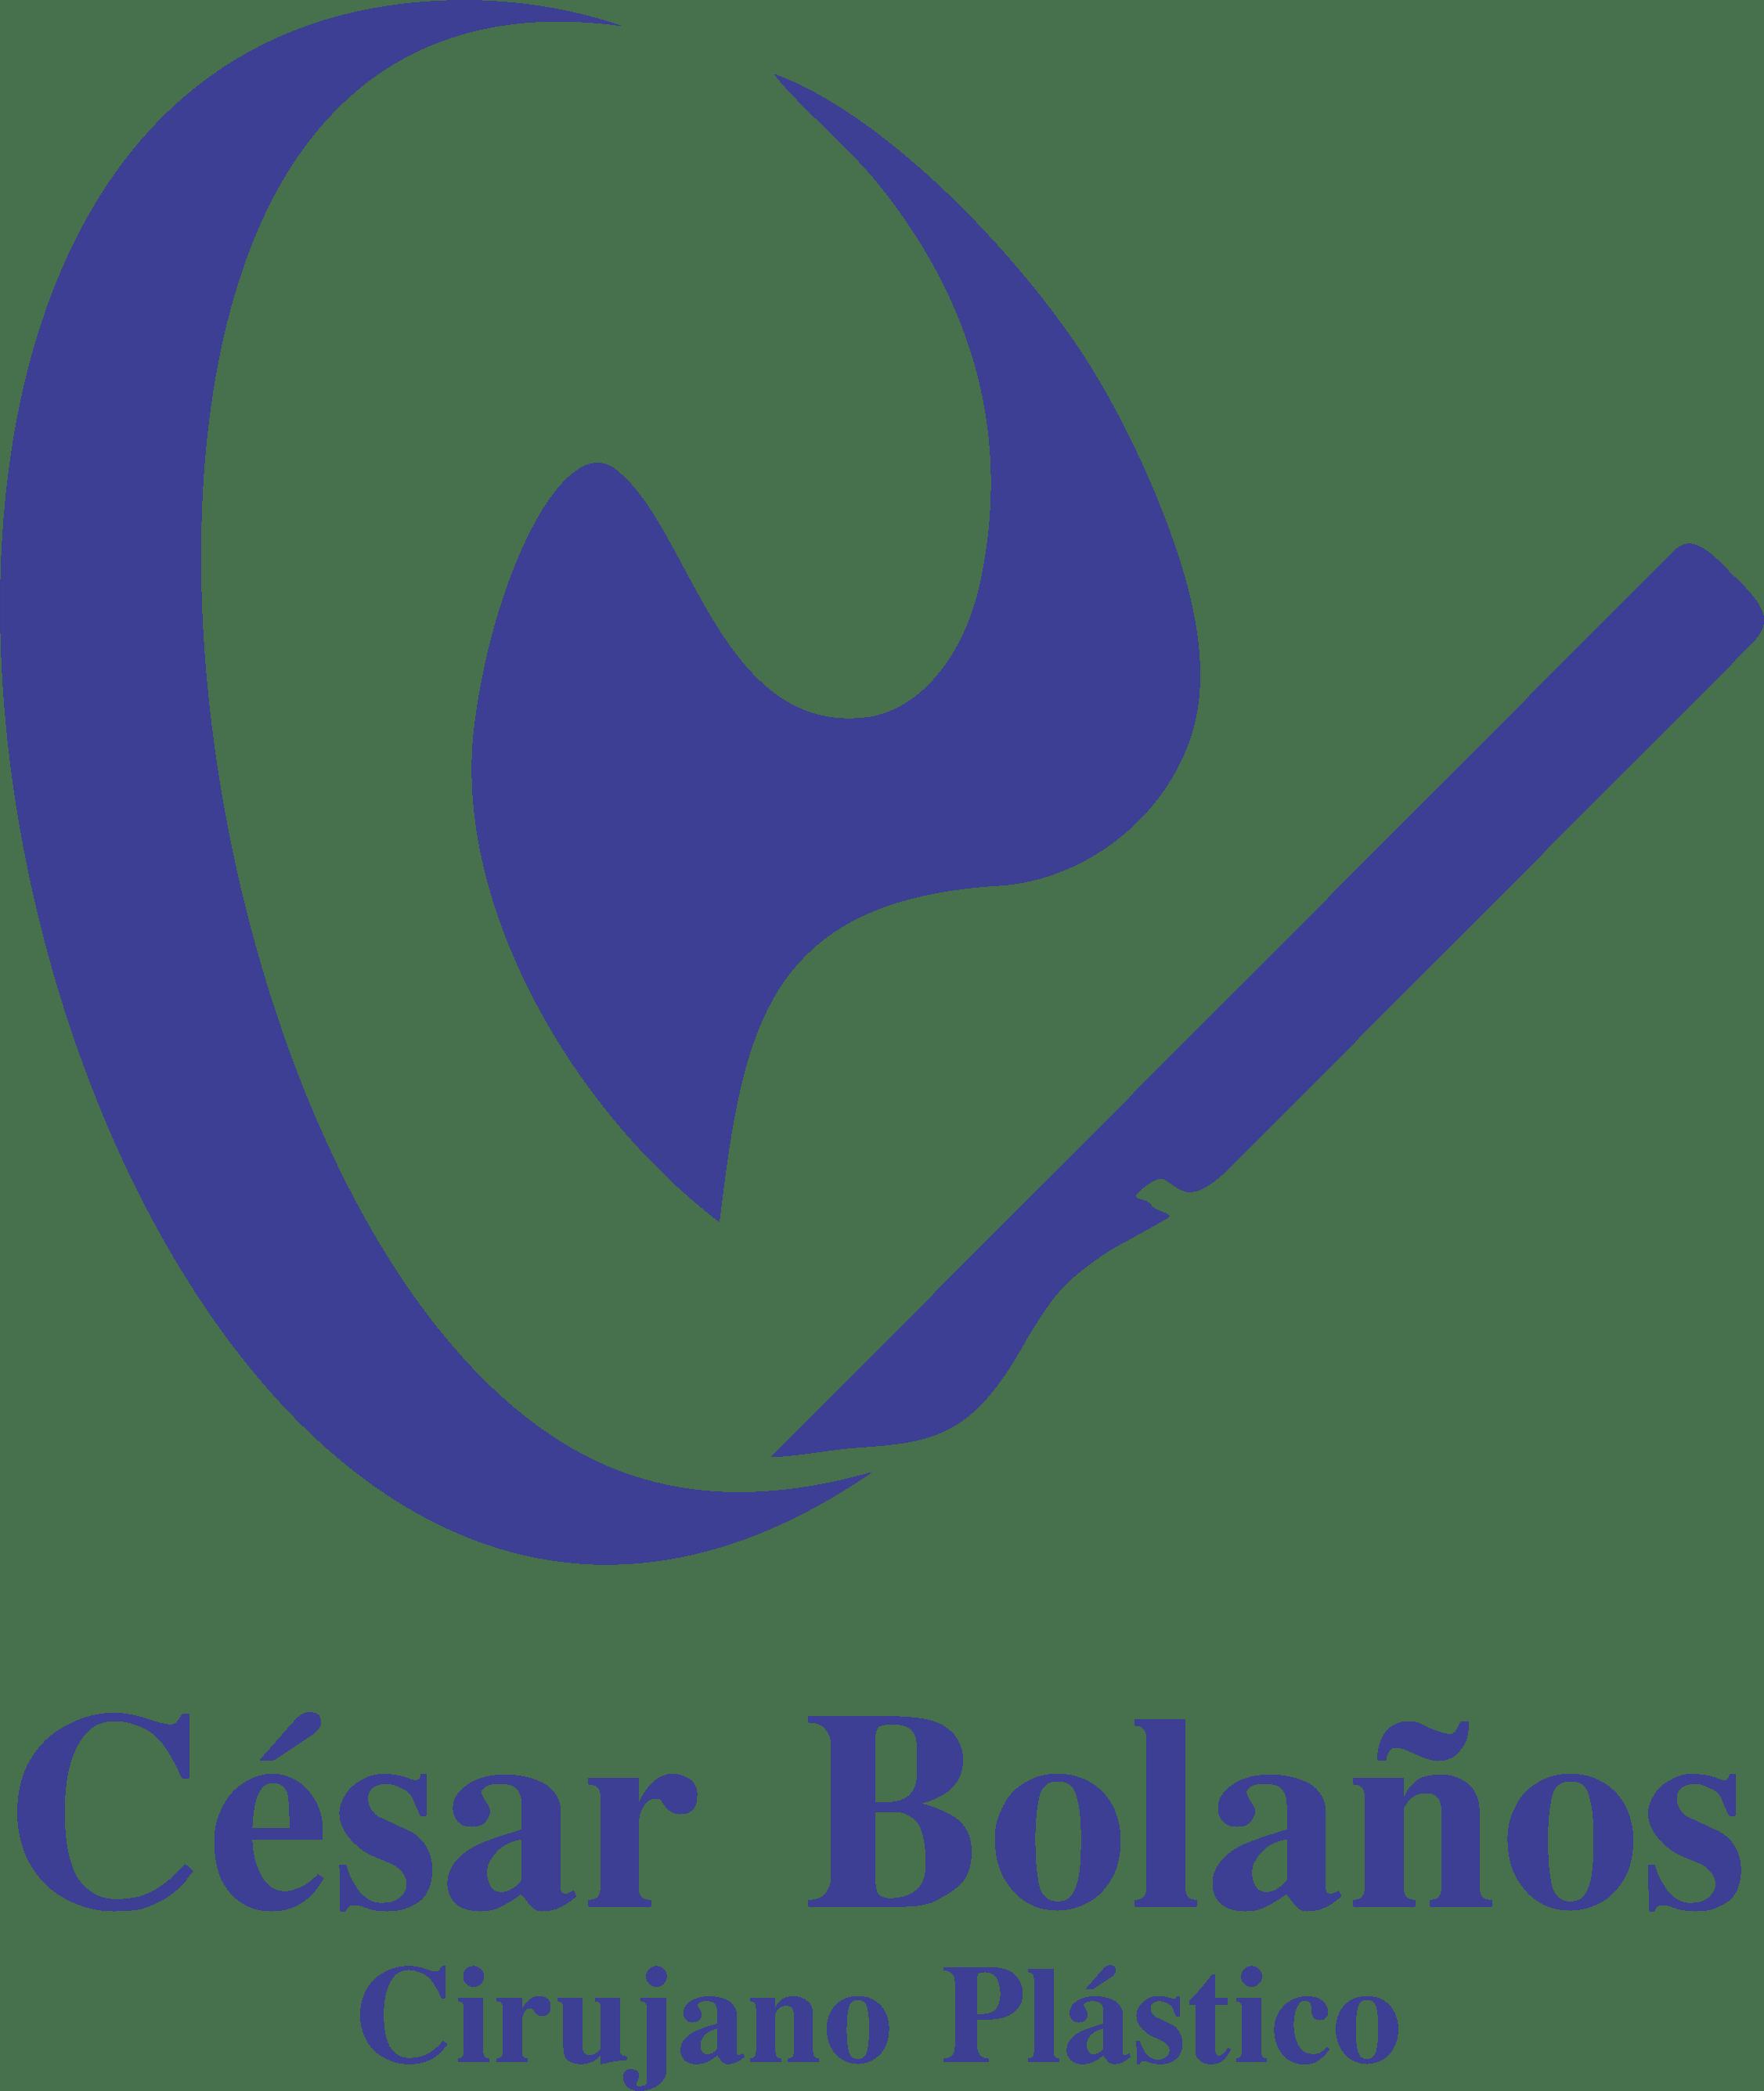 Dr. Cesar Bolaños